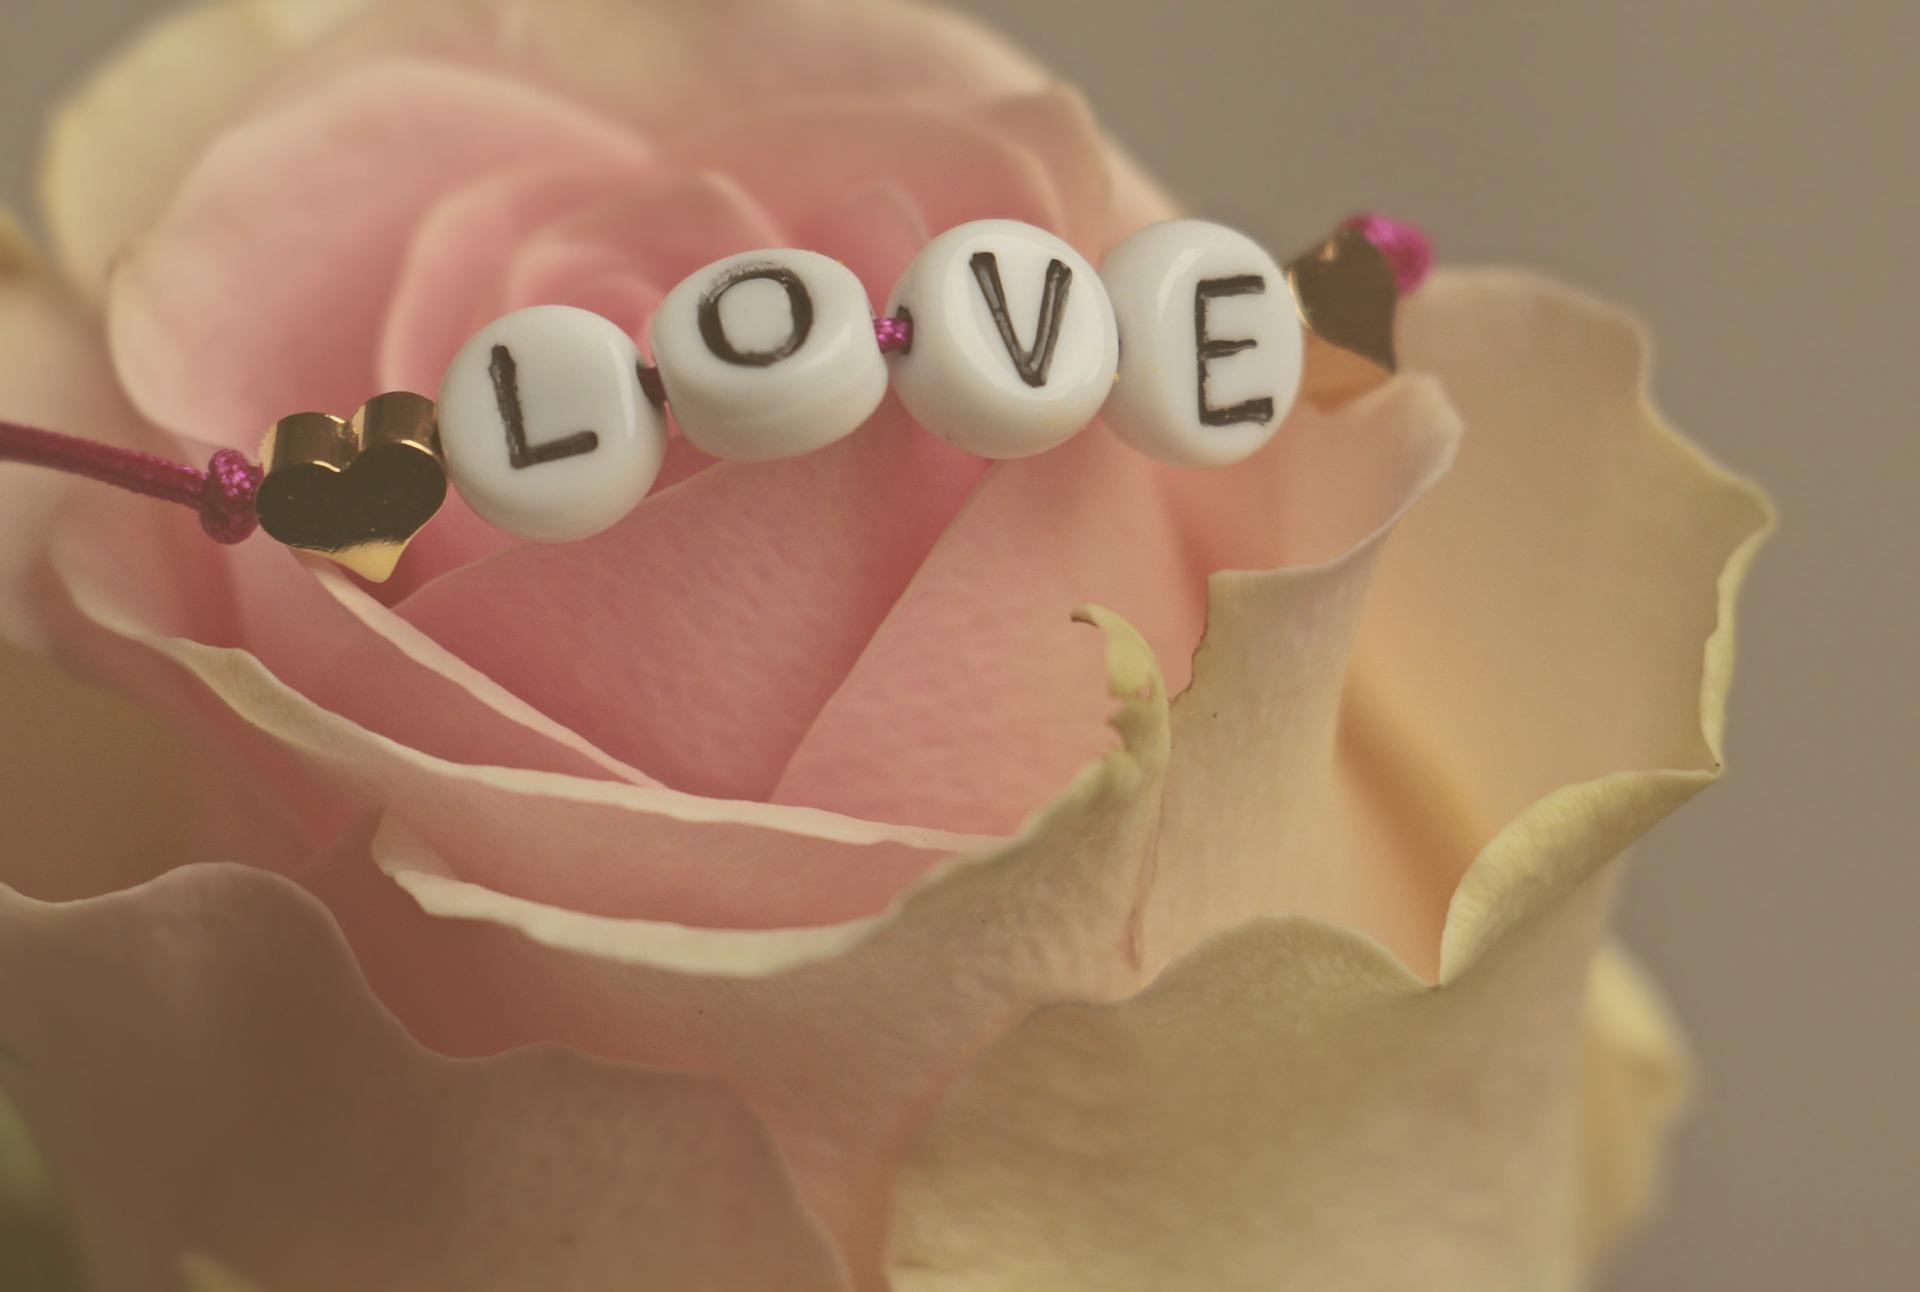 1526767022_love-3388626_1920.jpg